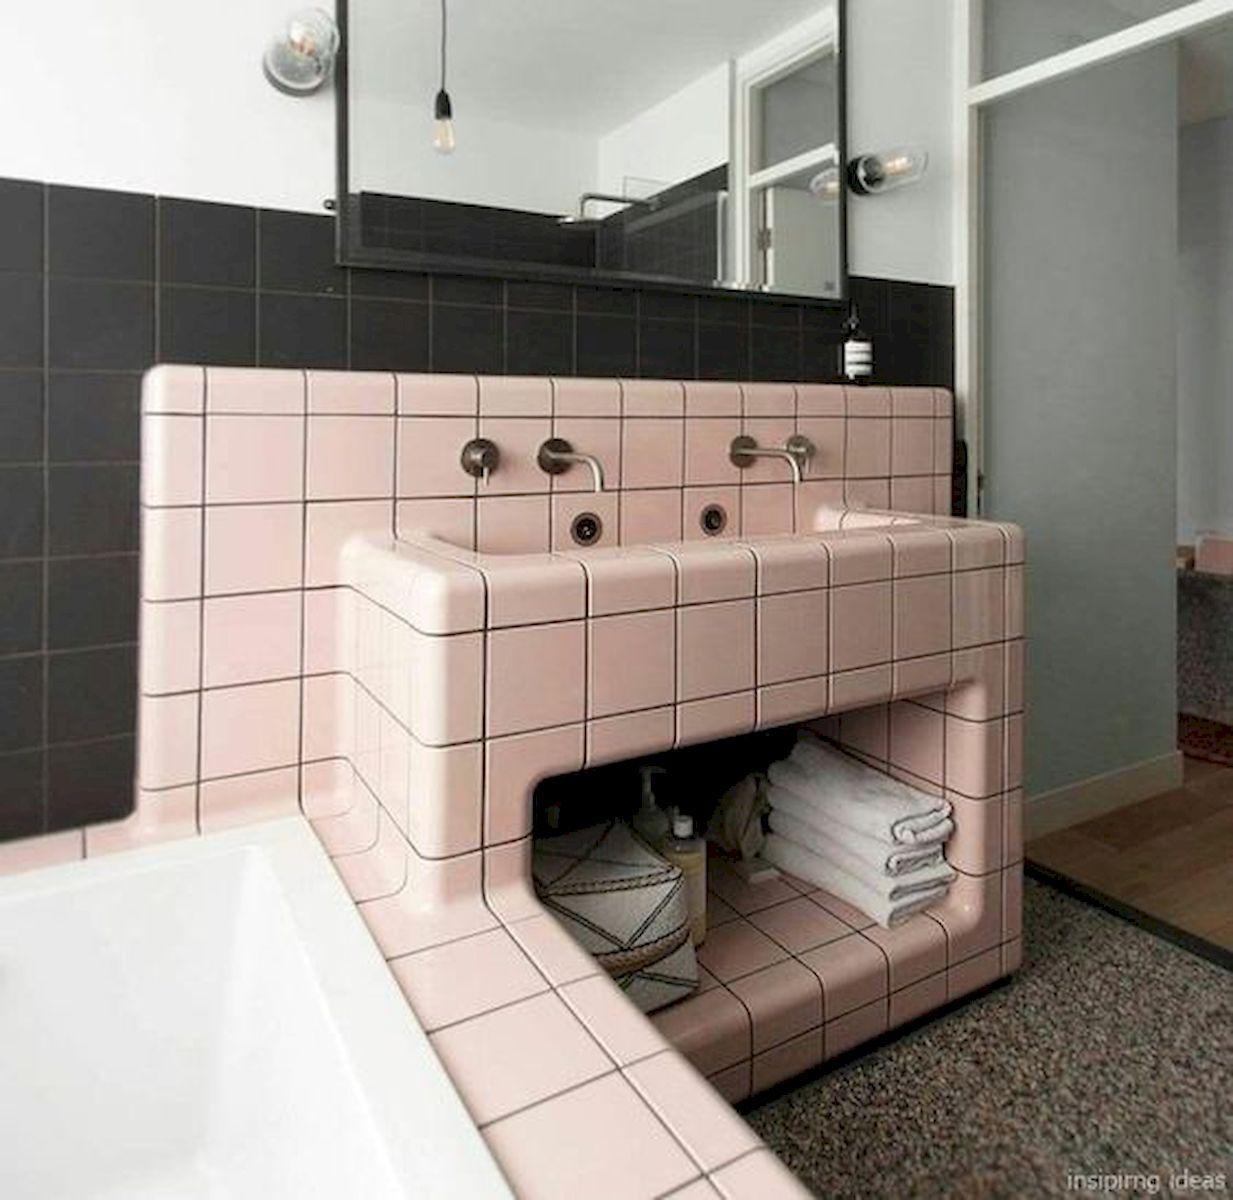 66 Cool Modern Farmhouse Bathroom Tile Ideas (2)